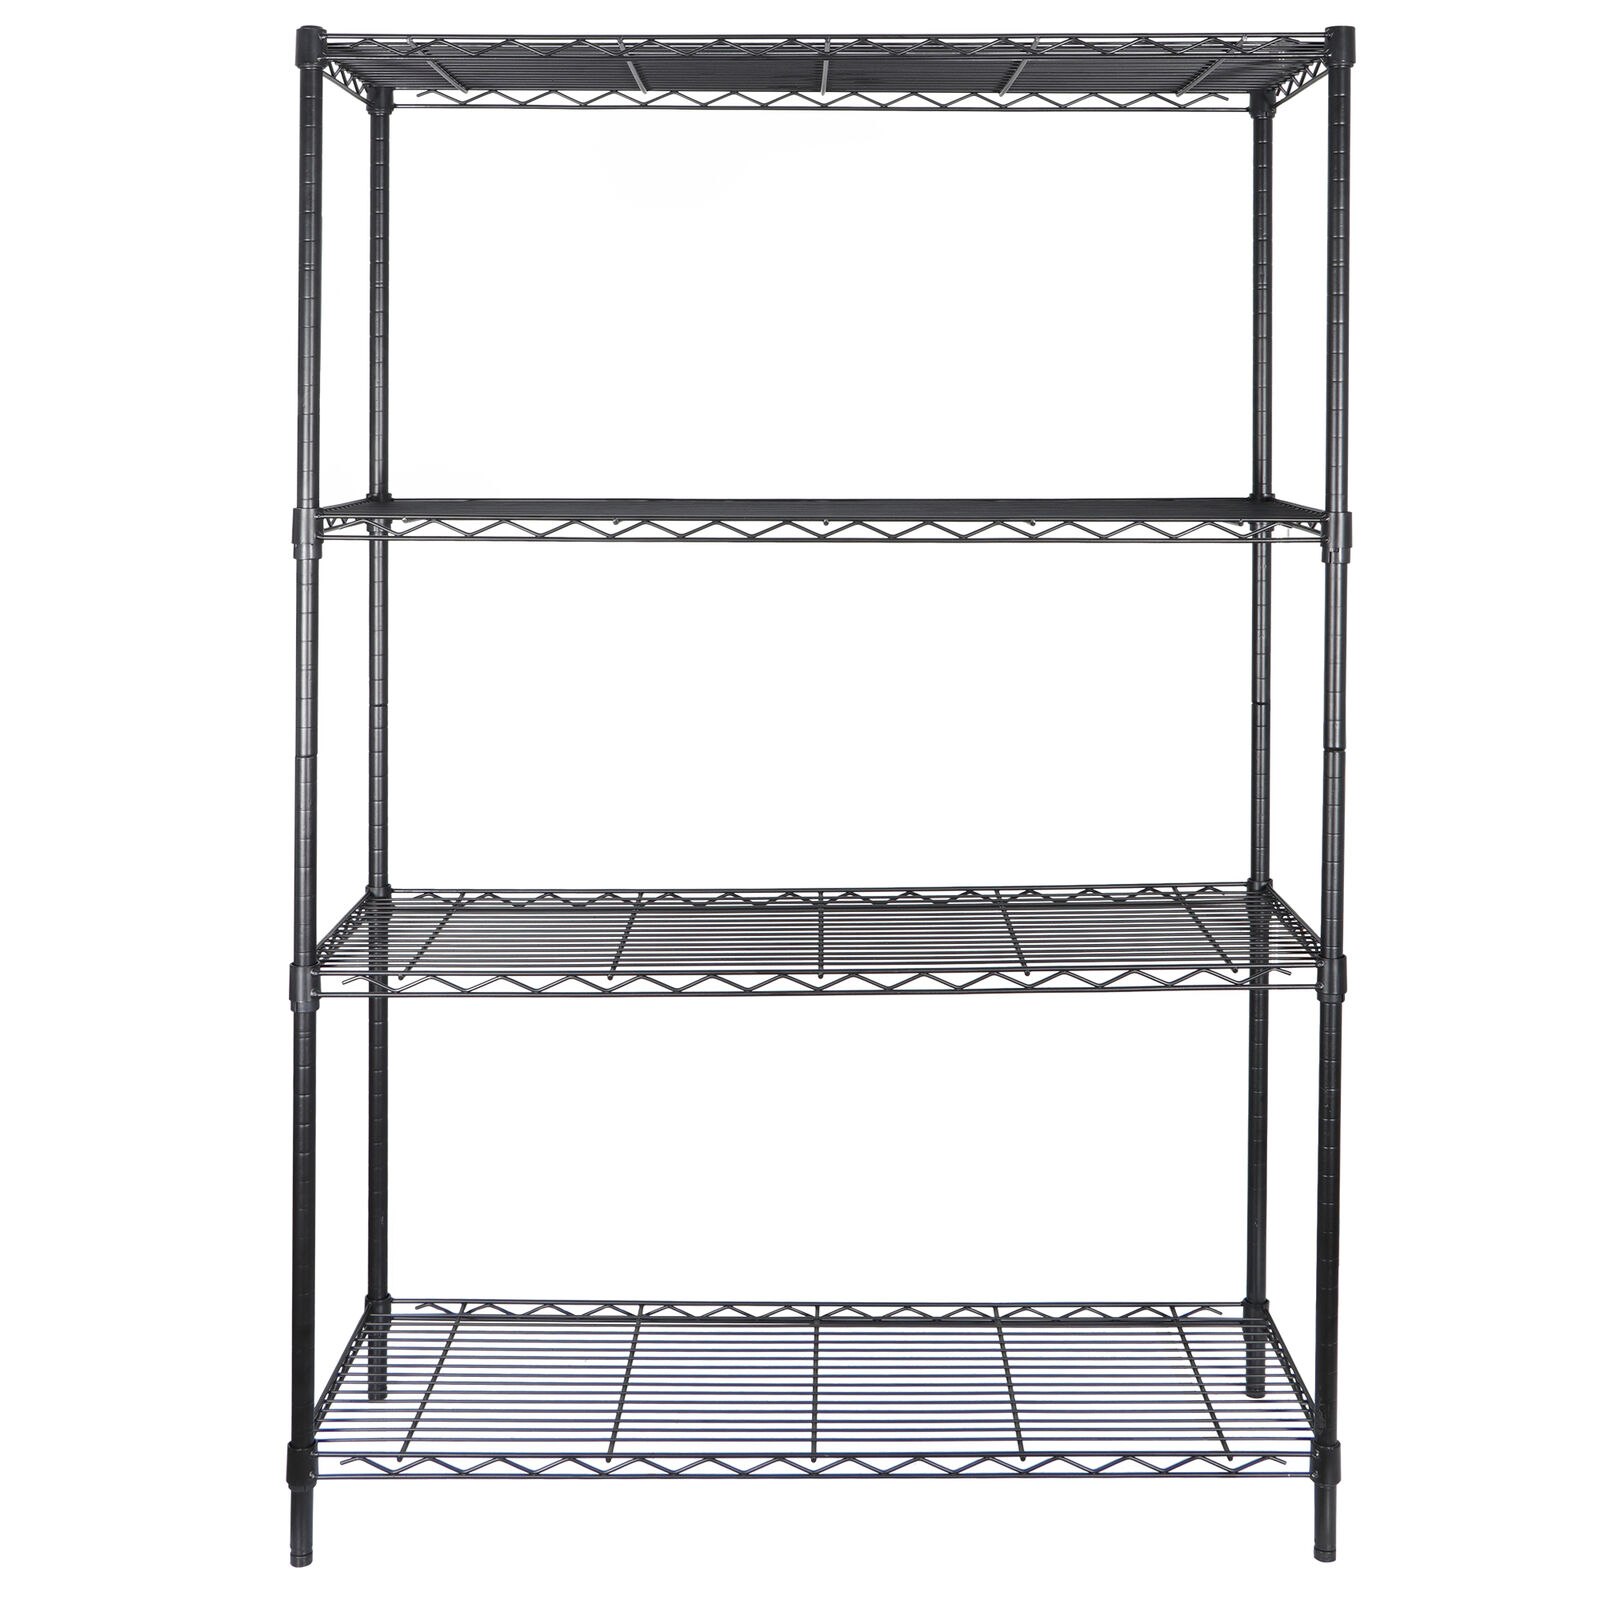 Black 4Tier Steel Organizer Wire Rack Heavy Duty Storage Shelving Unit Kitchen Home & Garden